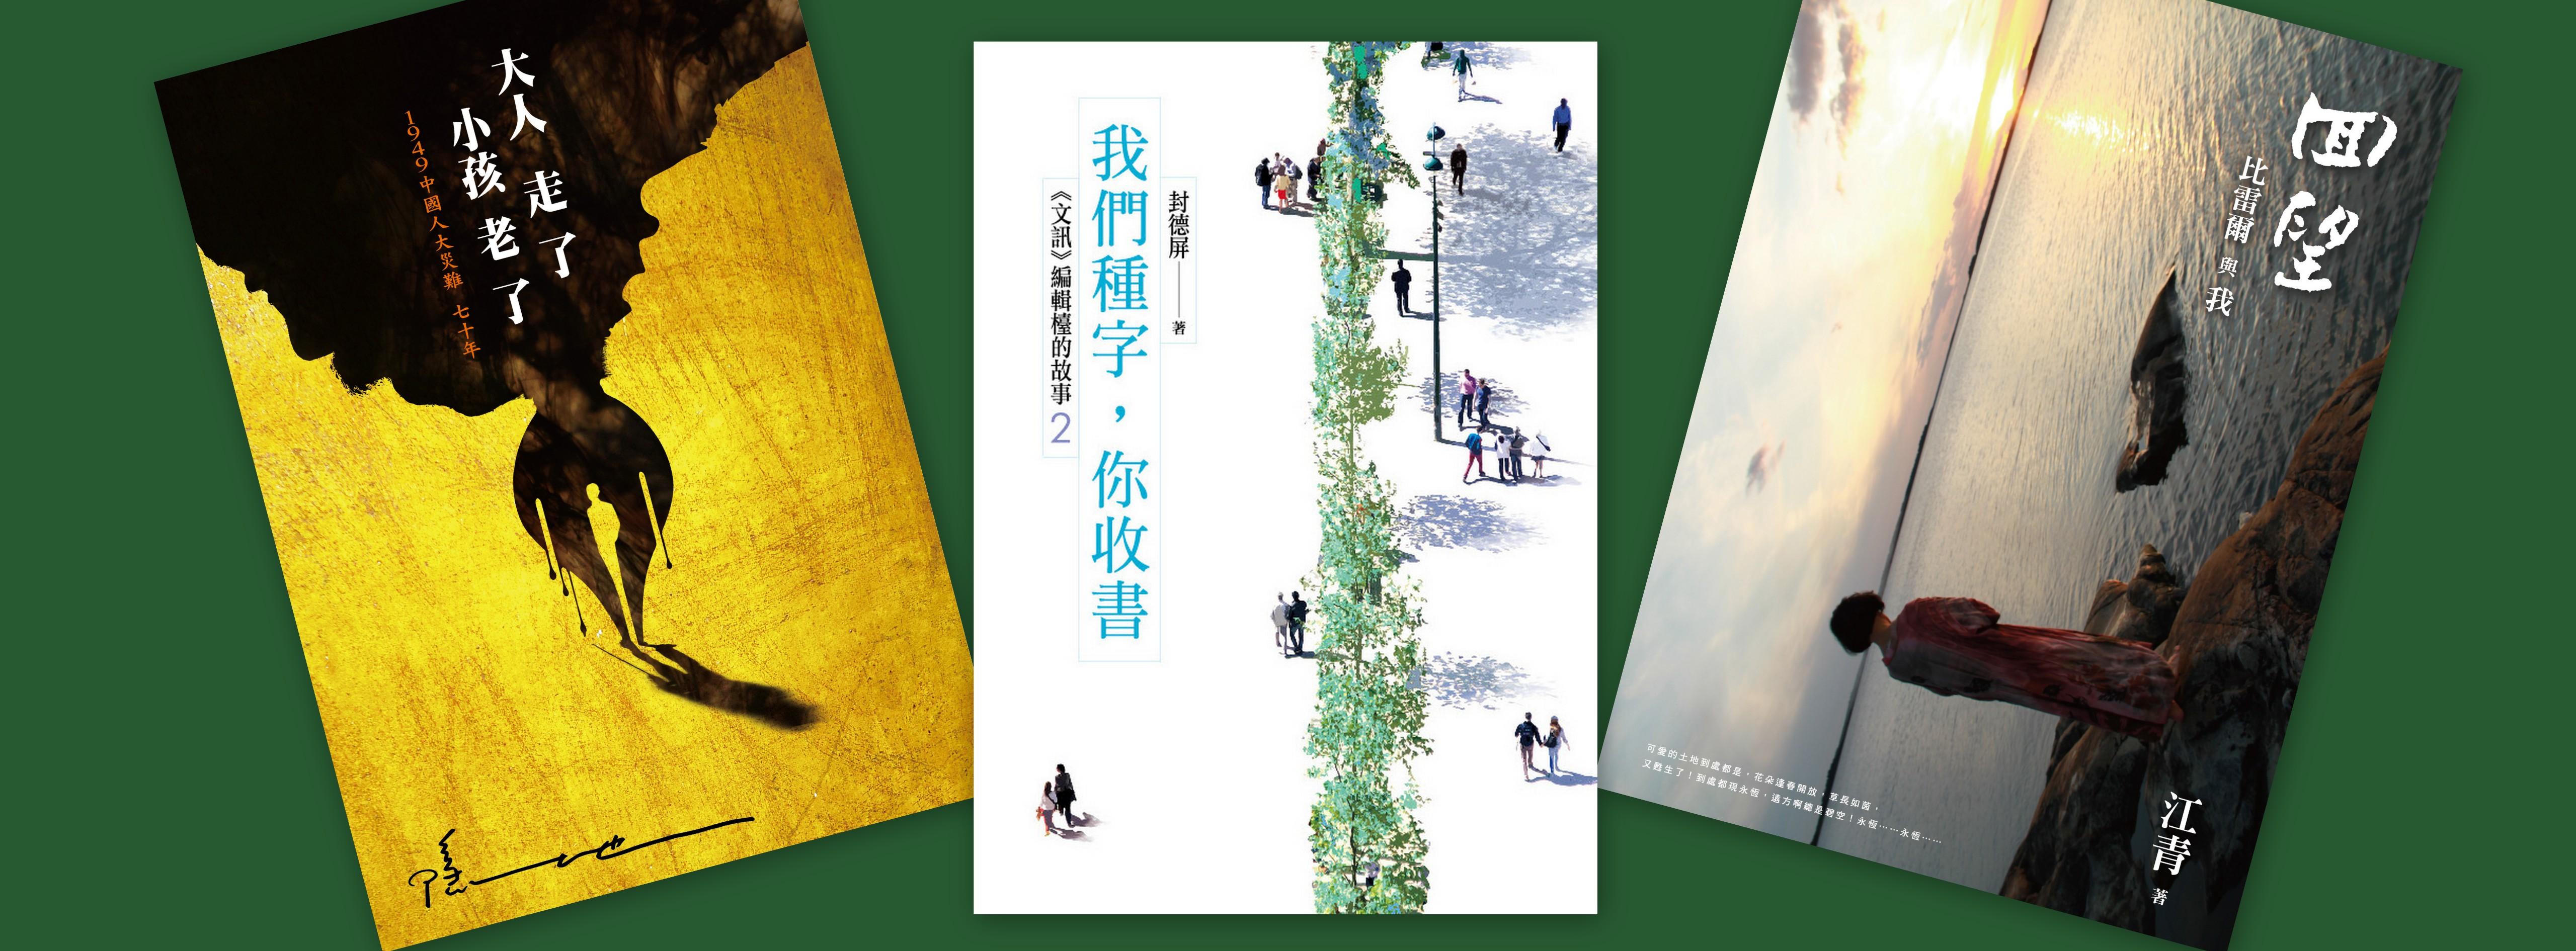 2019台北國際書展2/12-17